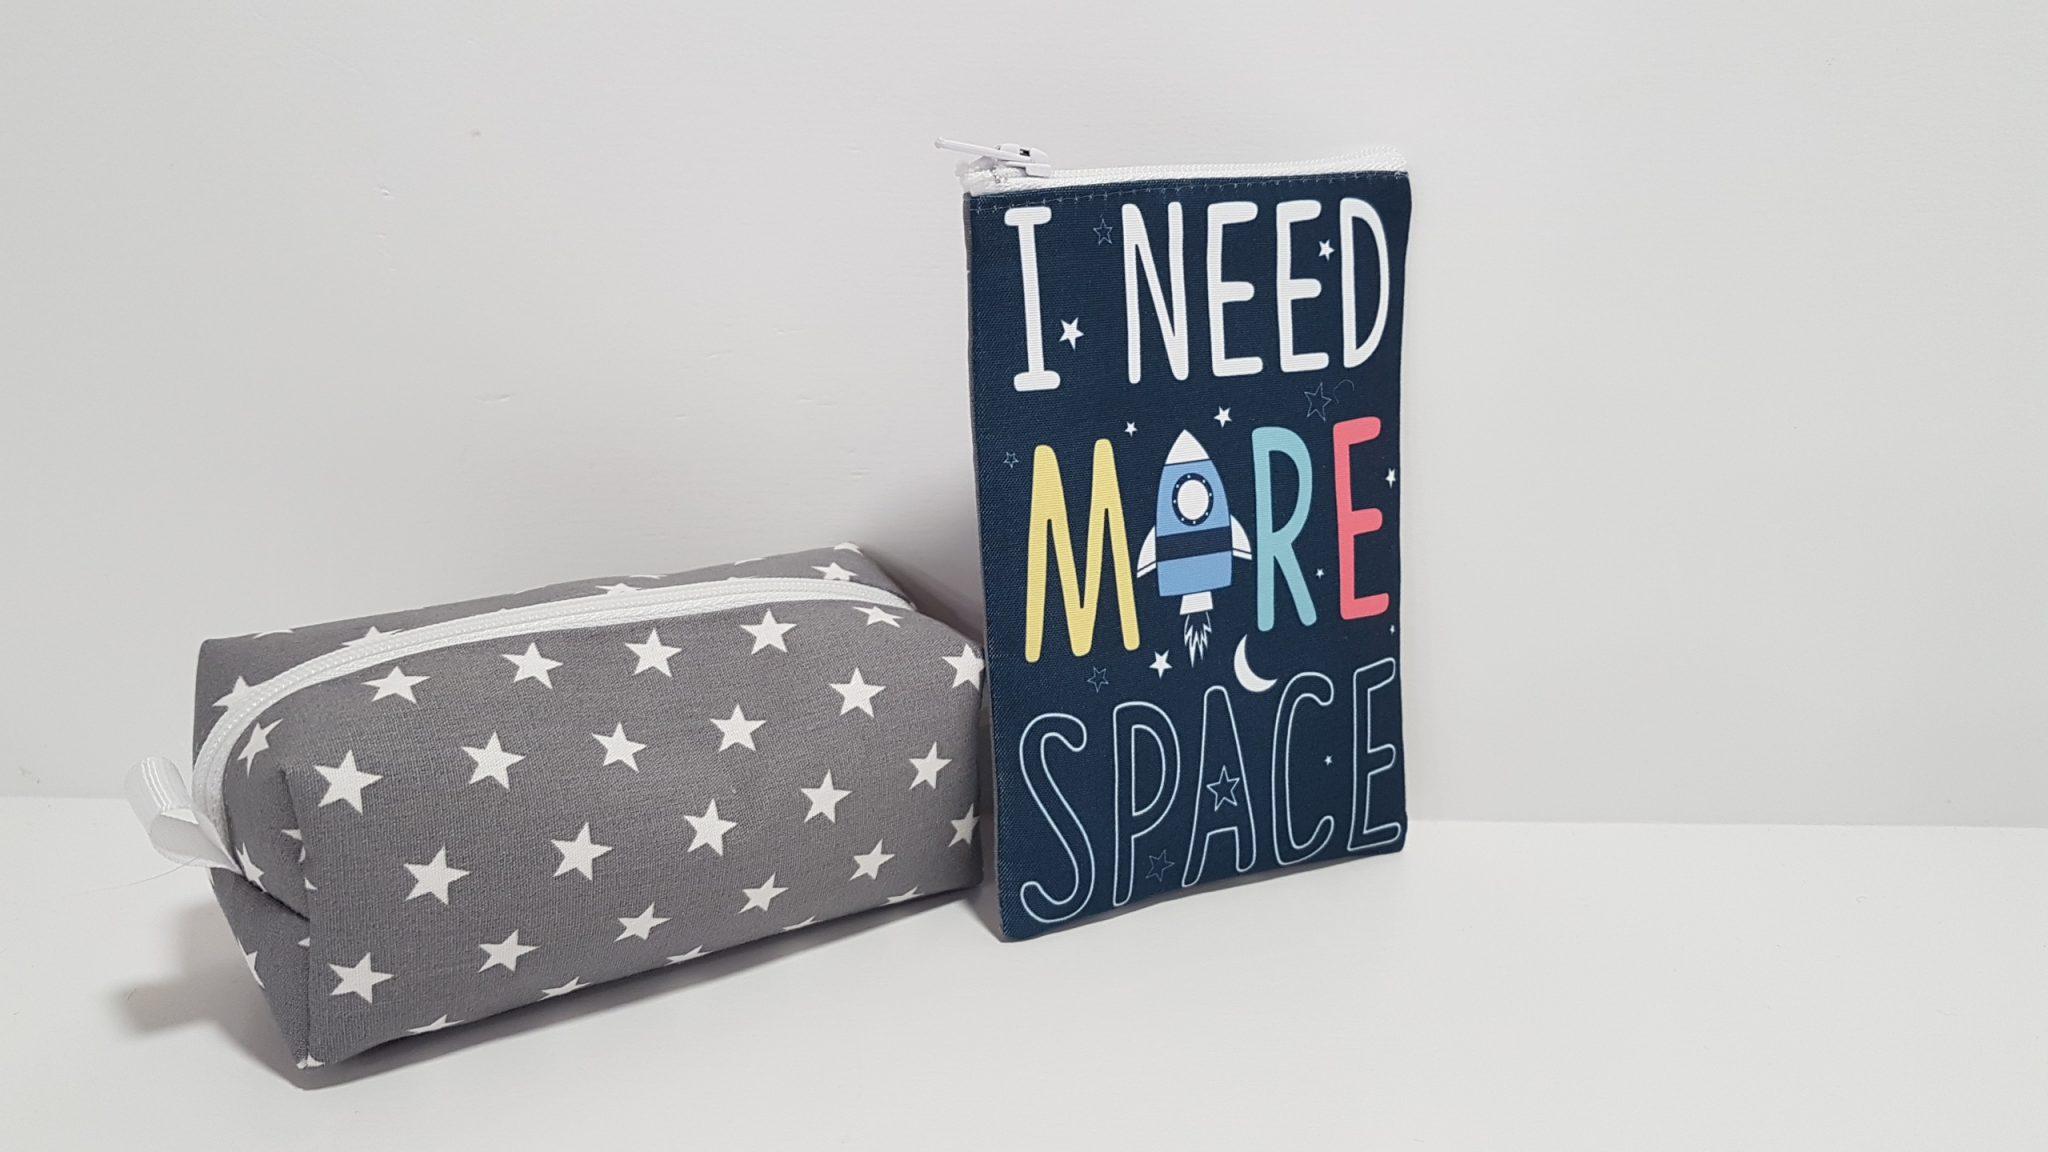 Μπομπονιέρα πορτοφολάκι εκτύπωση μπροστά space κια πίσω αστέρια.